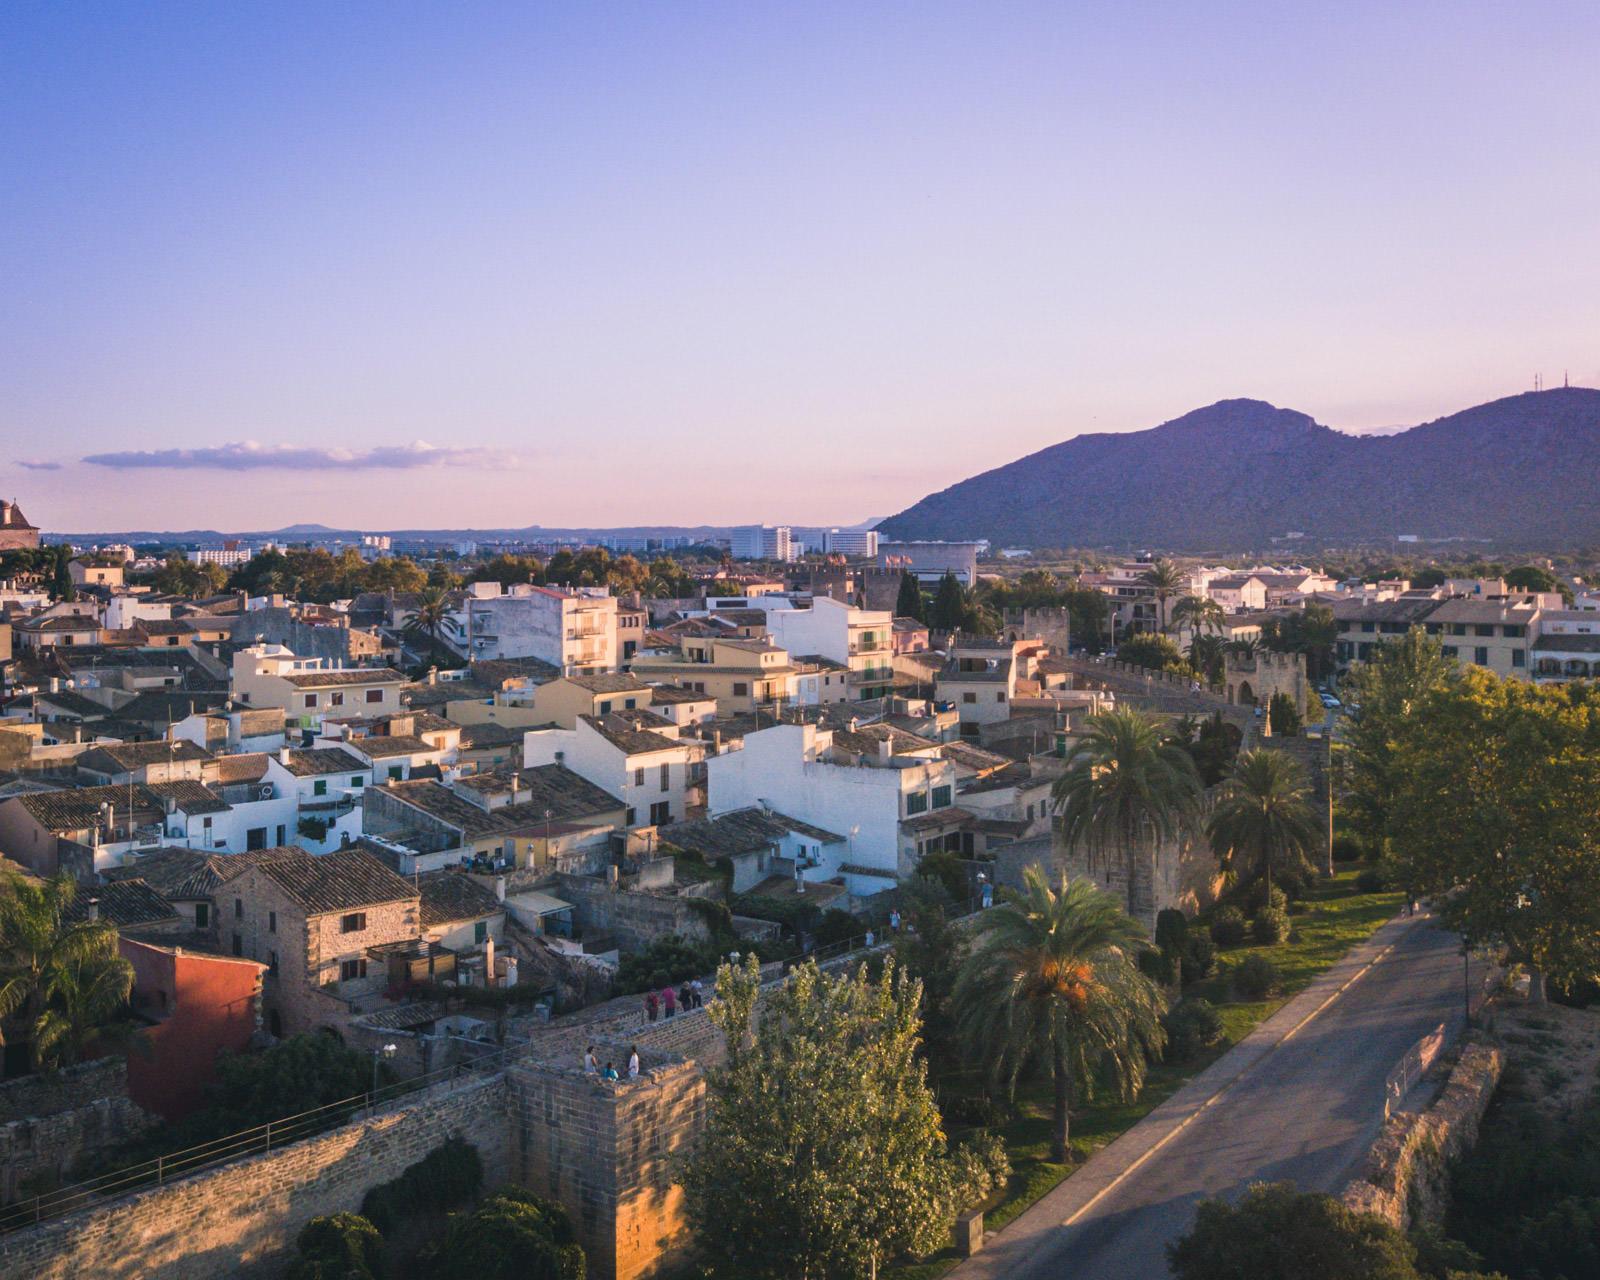 Drone photo over Alcudia